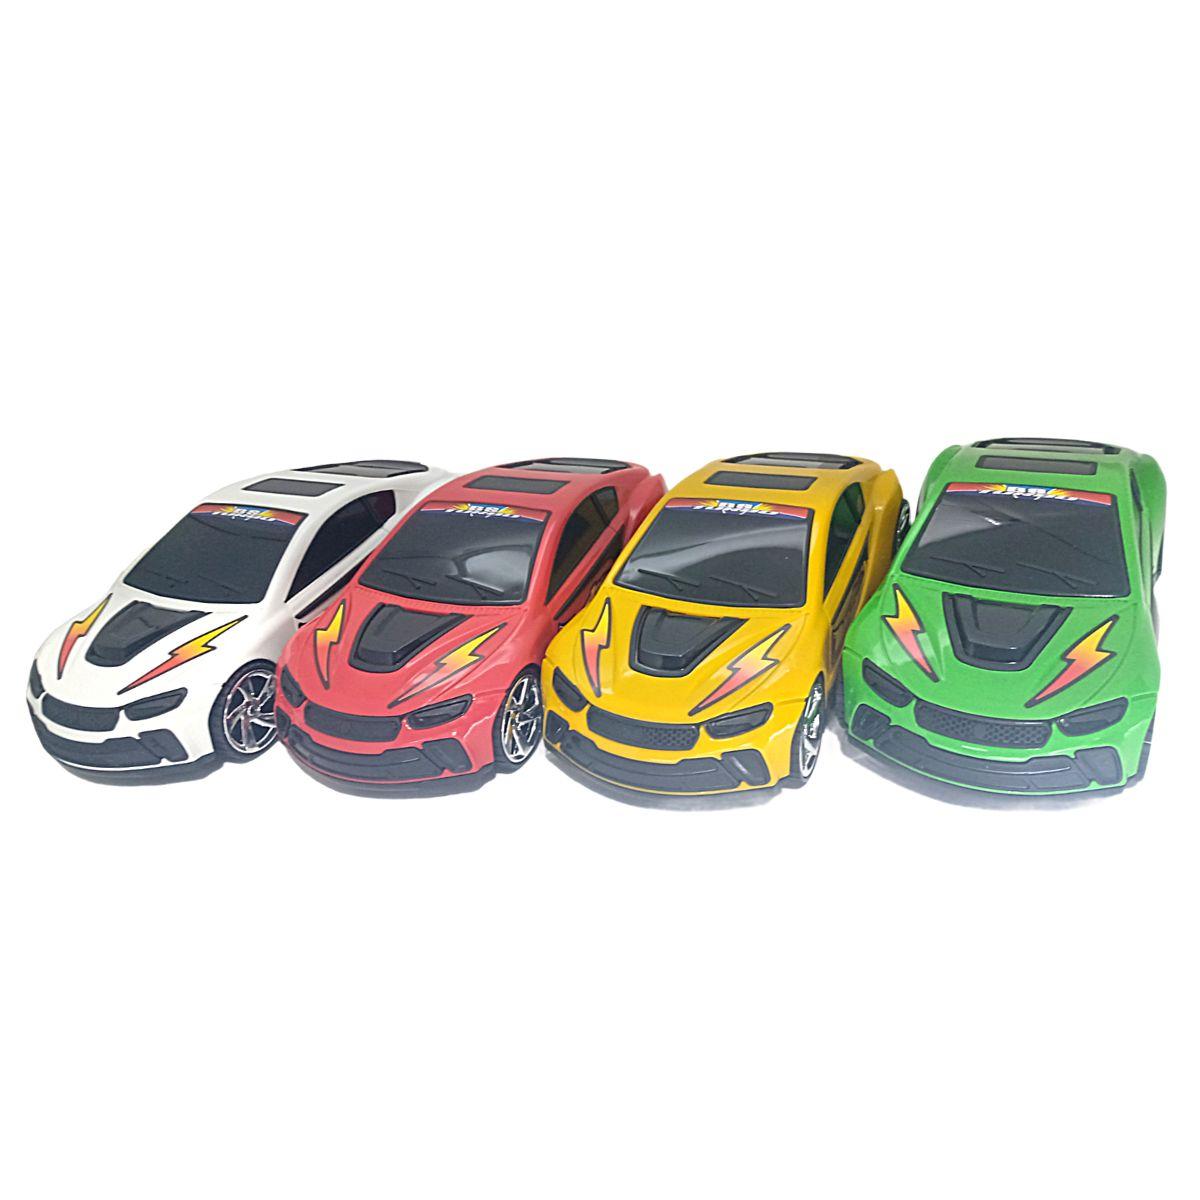 Carro de Brinquedo Bs Turbo Diferentes Cores Com Fricção